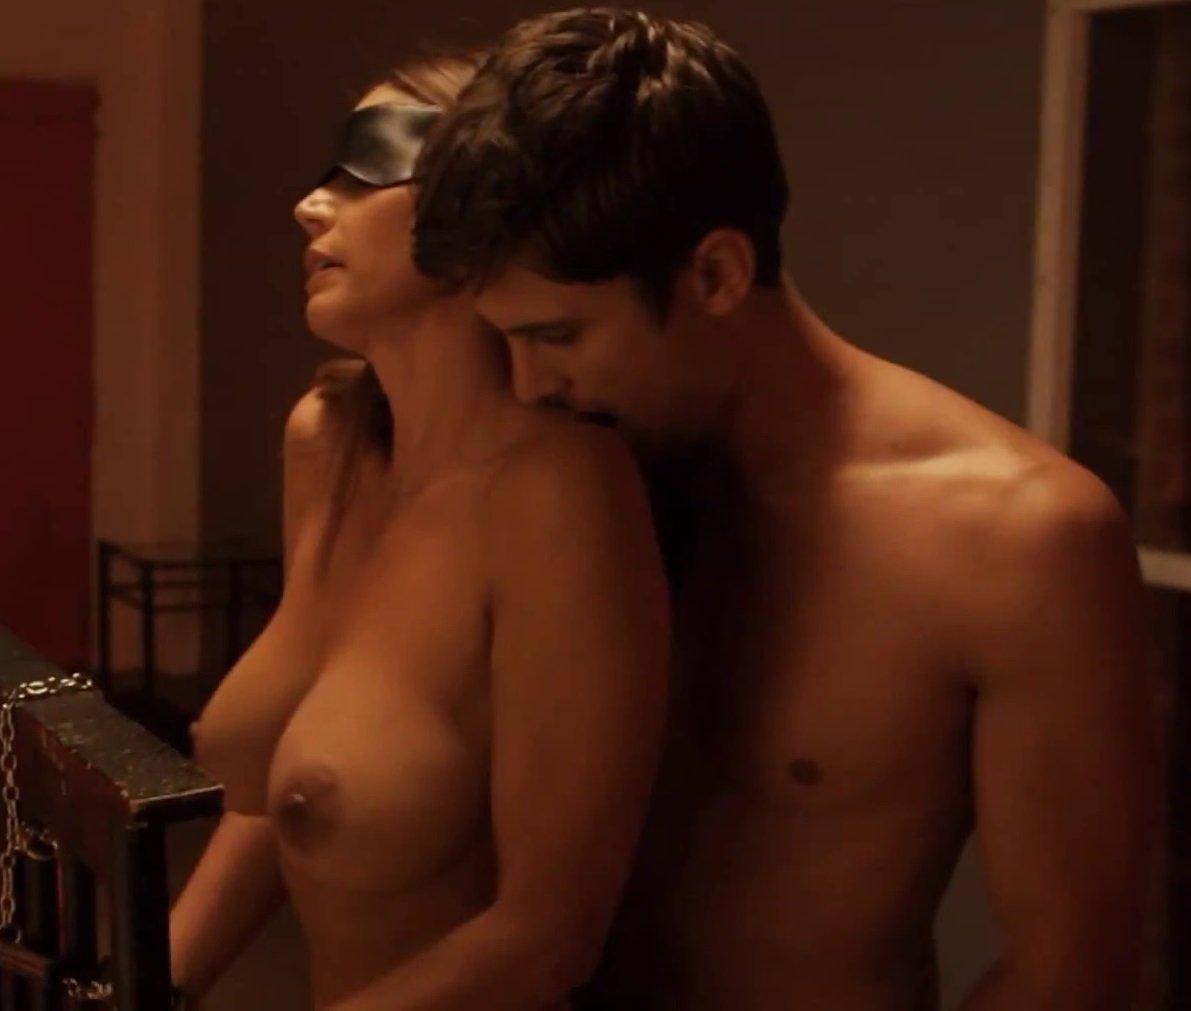 Helen mirren nude huge boobs in hot image scene